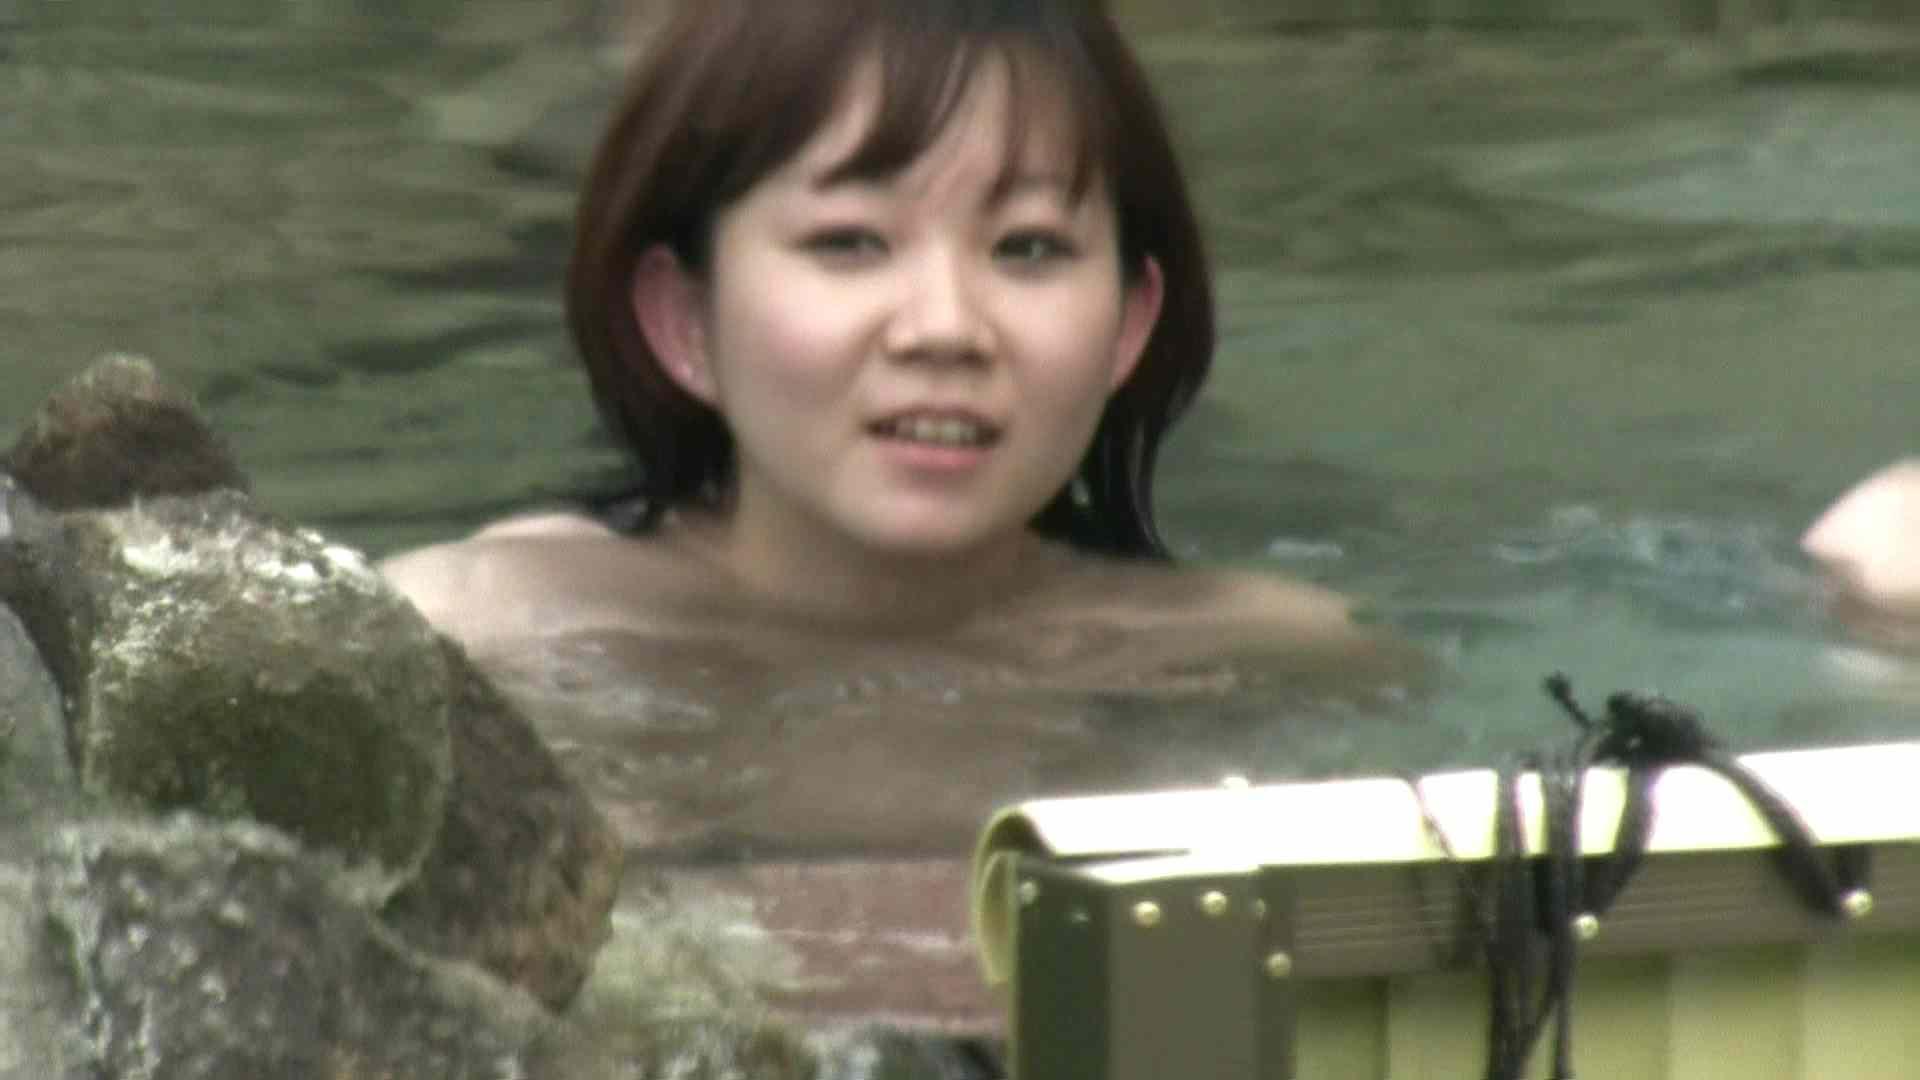 Aquaな露天風呂Vol.664 盗撮シリーズ  98PIX 42